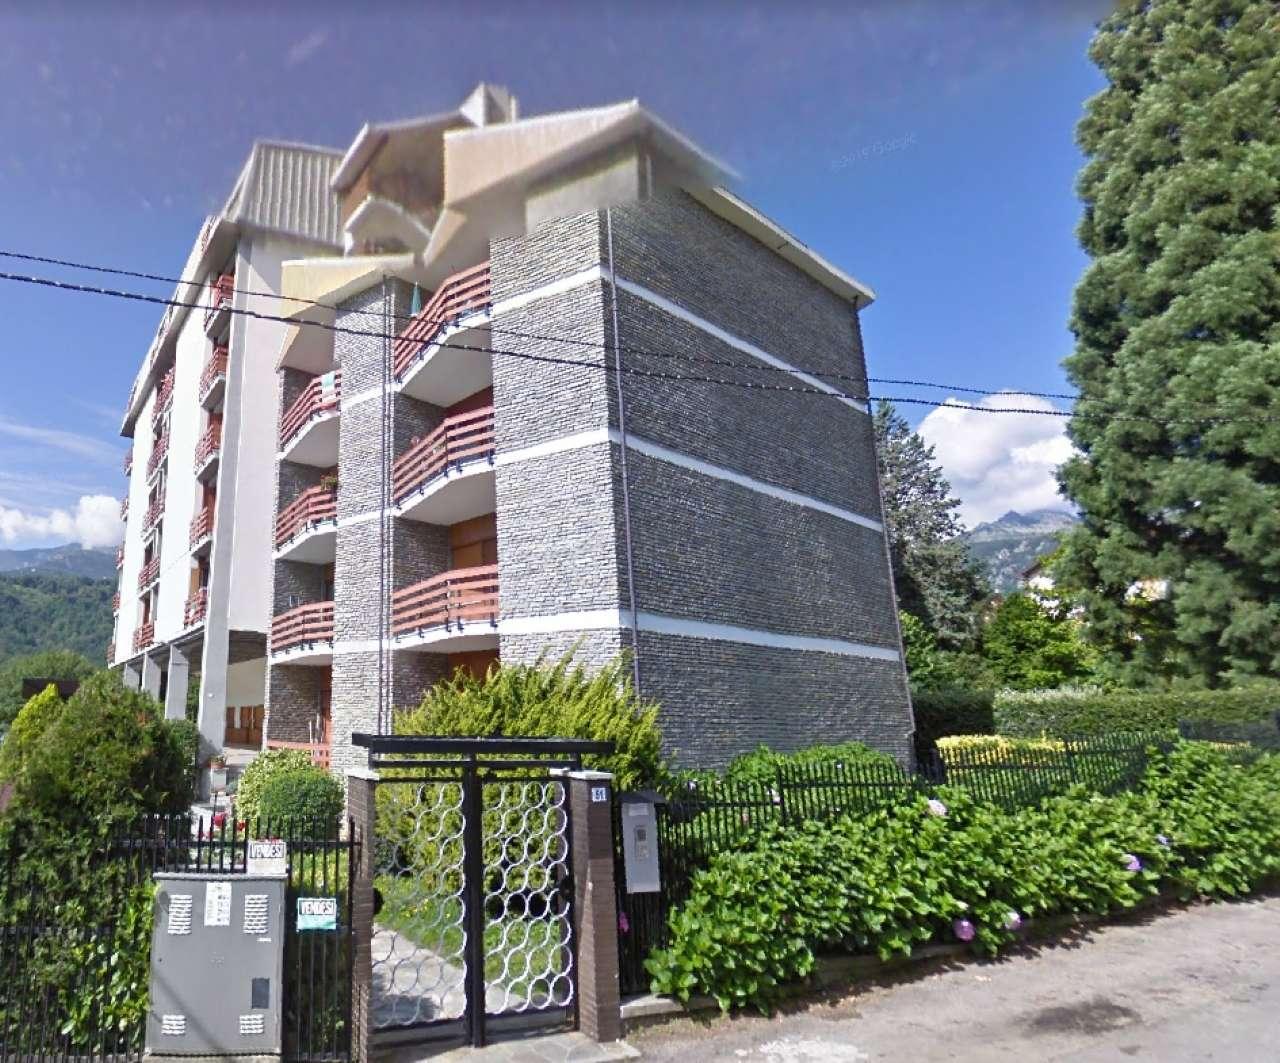 Appartamento in vendita a Coazze, 3 locali, prezzo € 49.500 | PortaleAgenzieImmobiliari.it